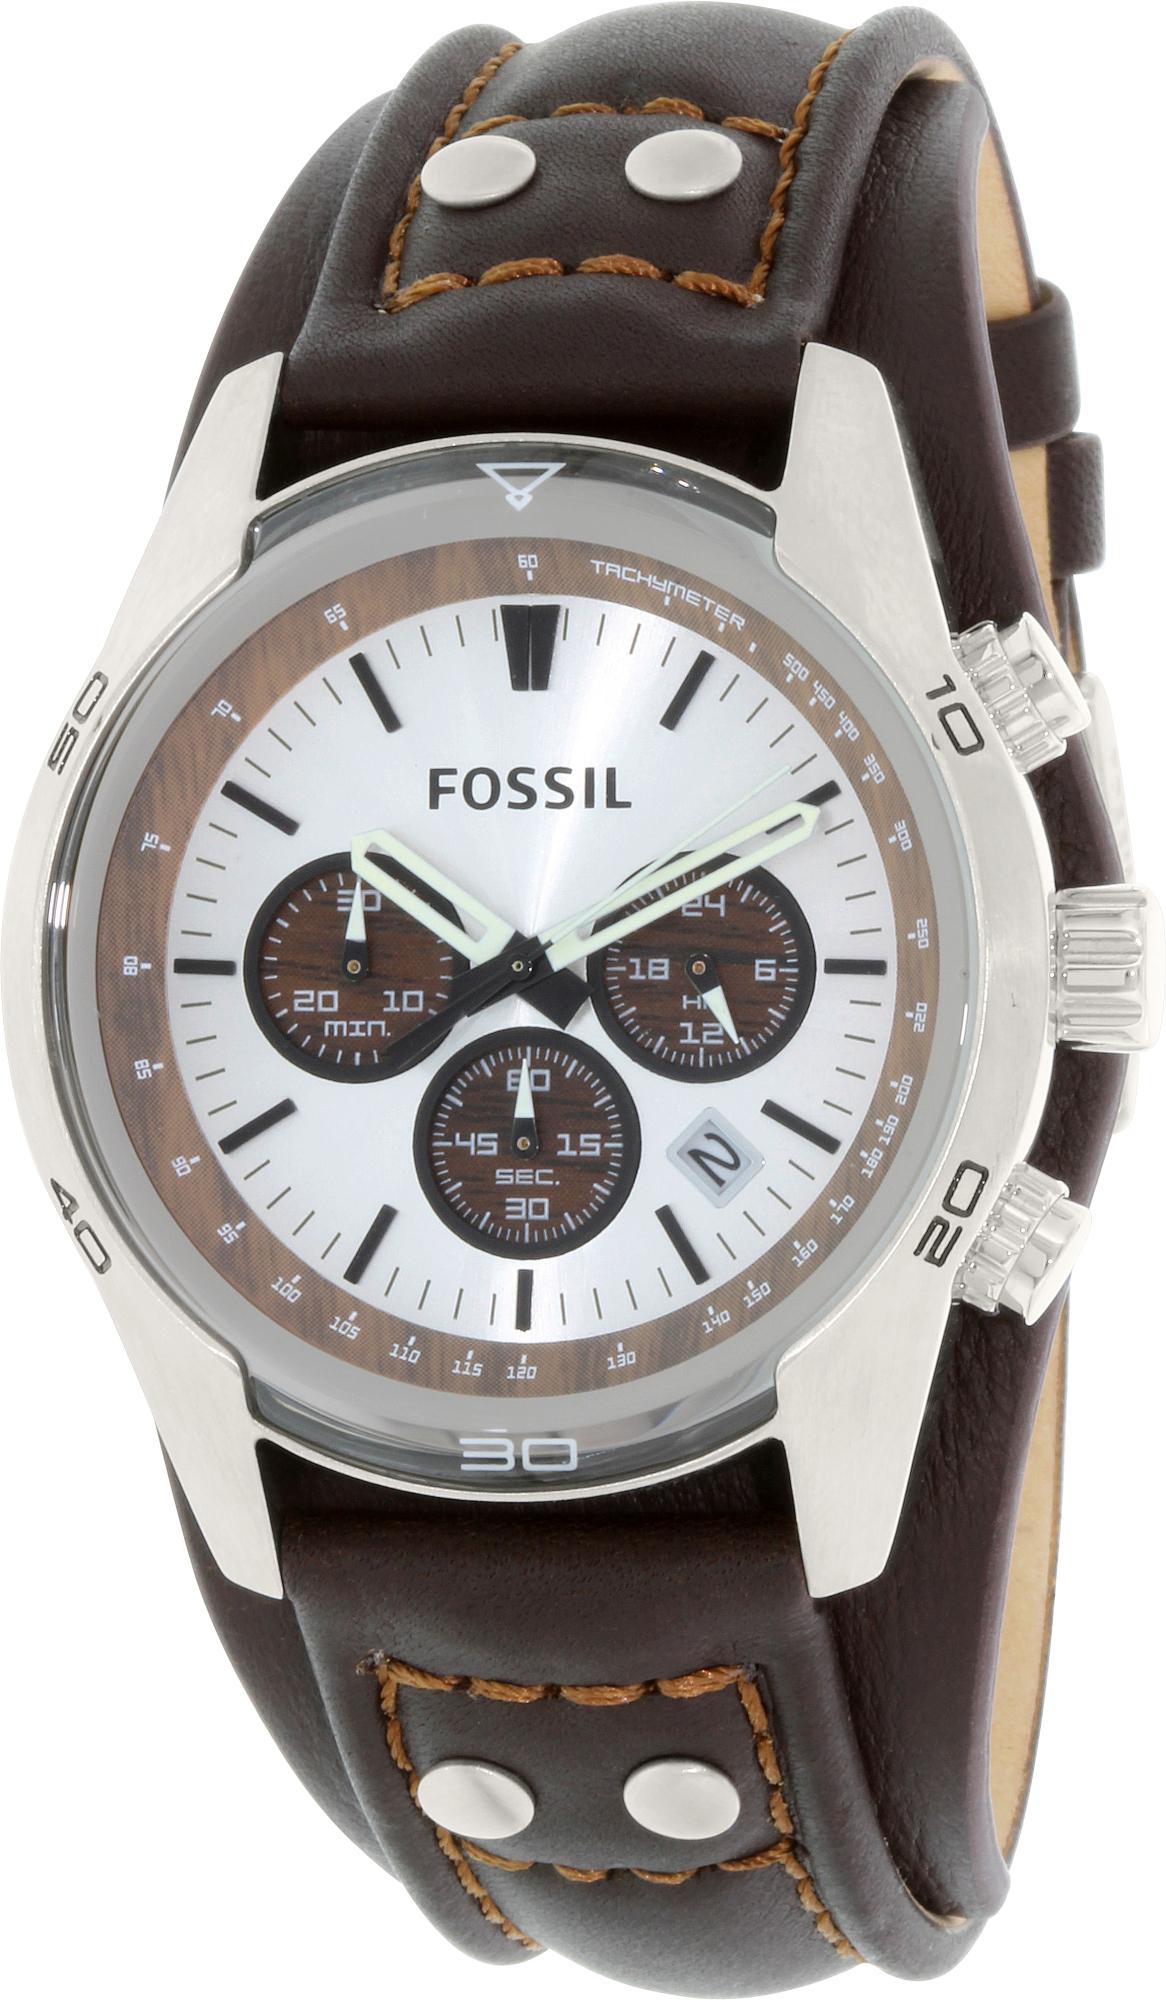 Fossil_Mens_Cuff_CH2565_Brown_Leather_Quartz_Fashion_Watch